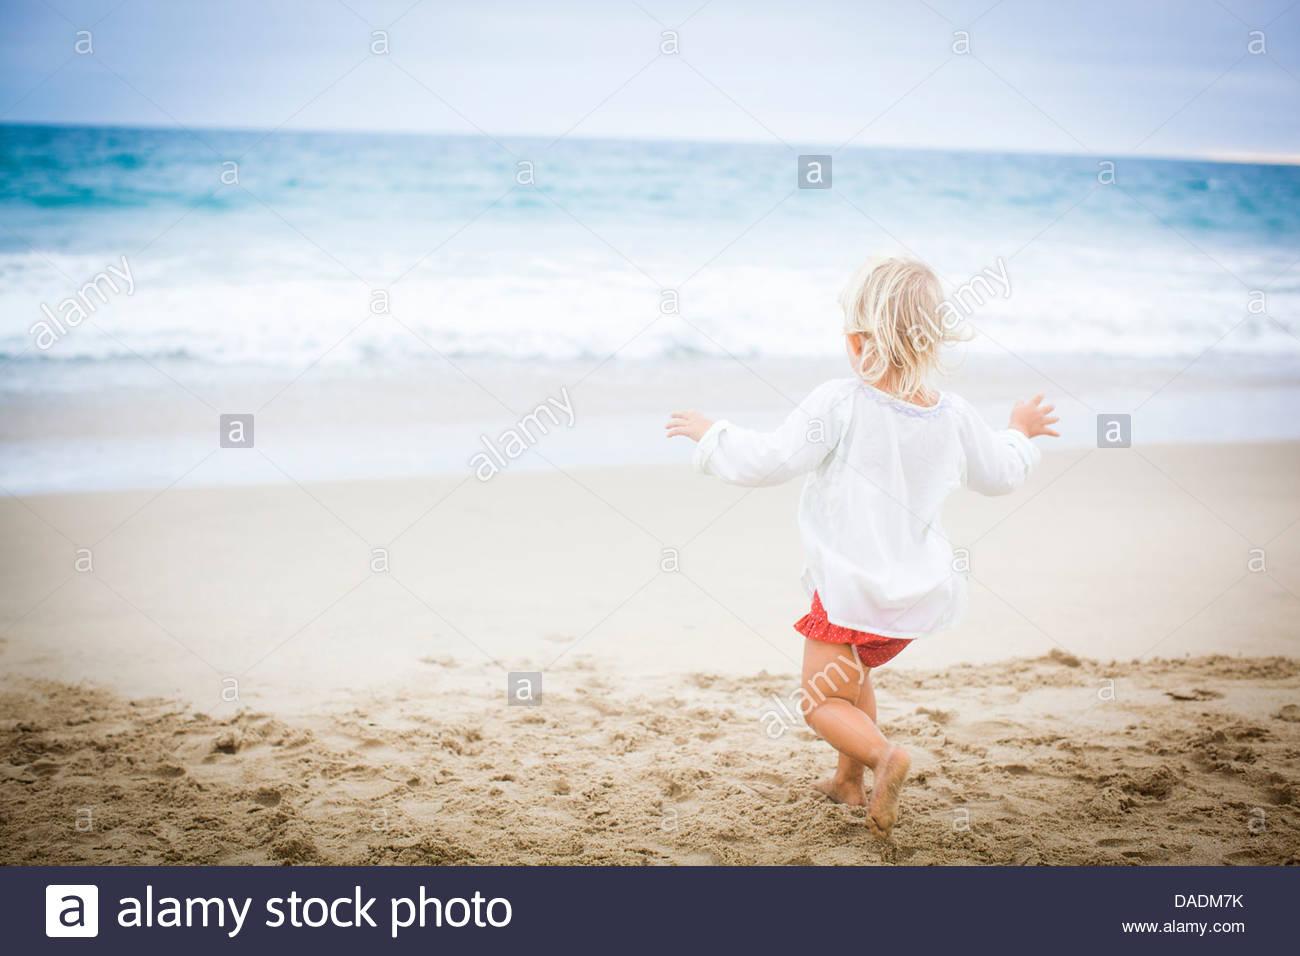 Vista posterior de la niña corriendo hacia el mar Imagen De Stock